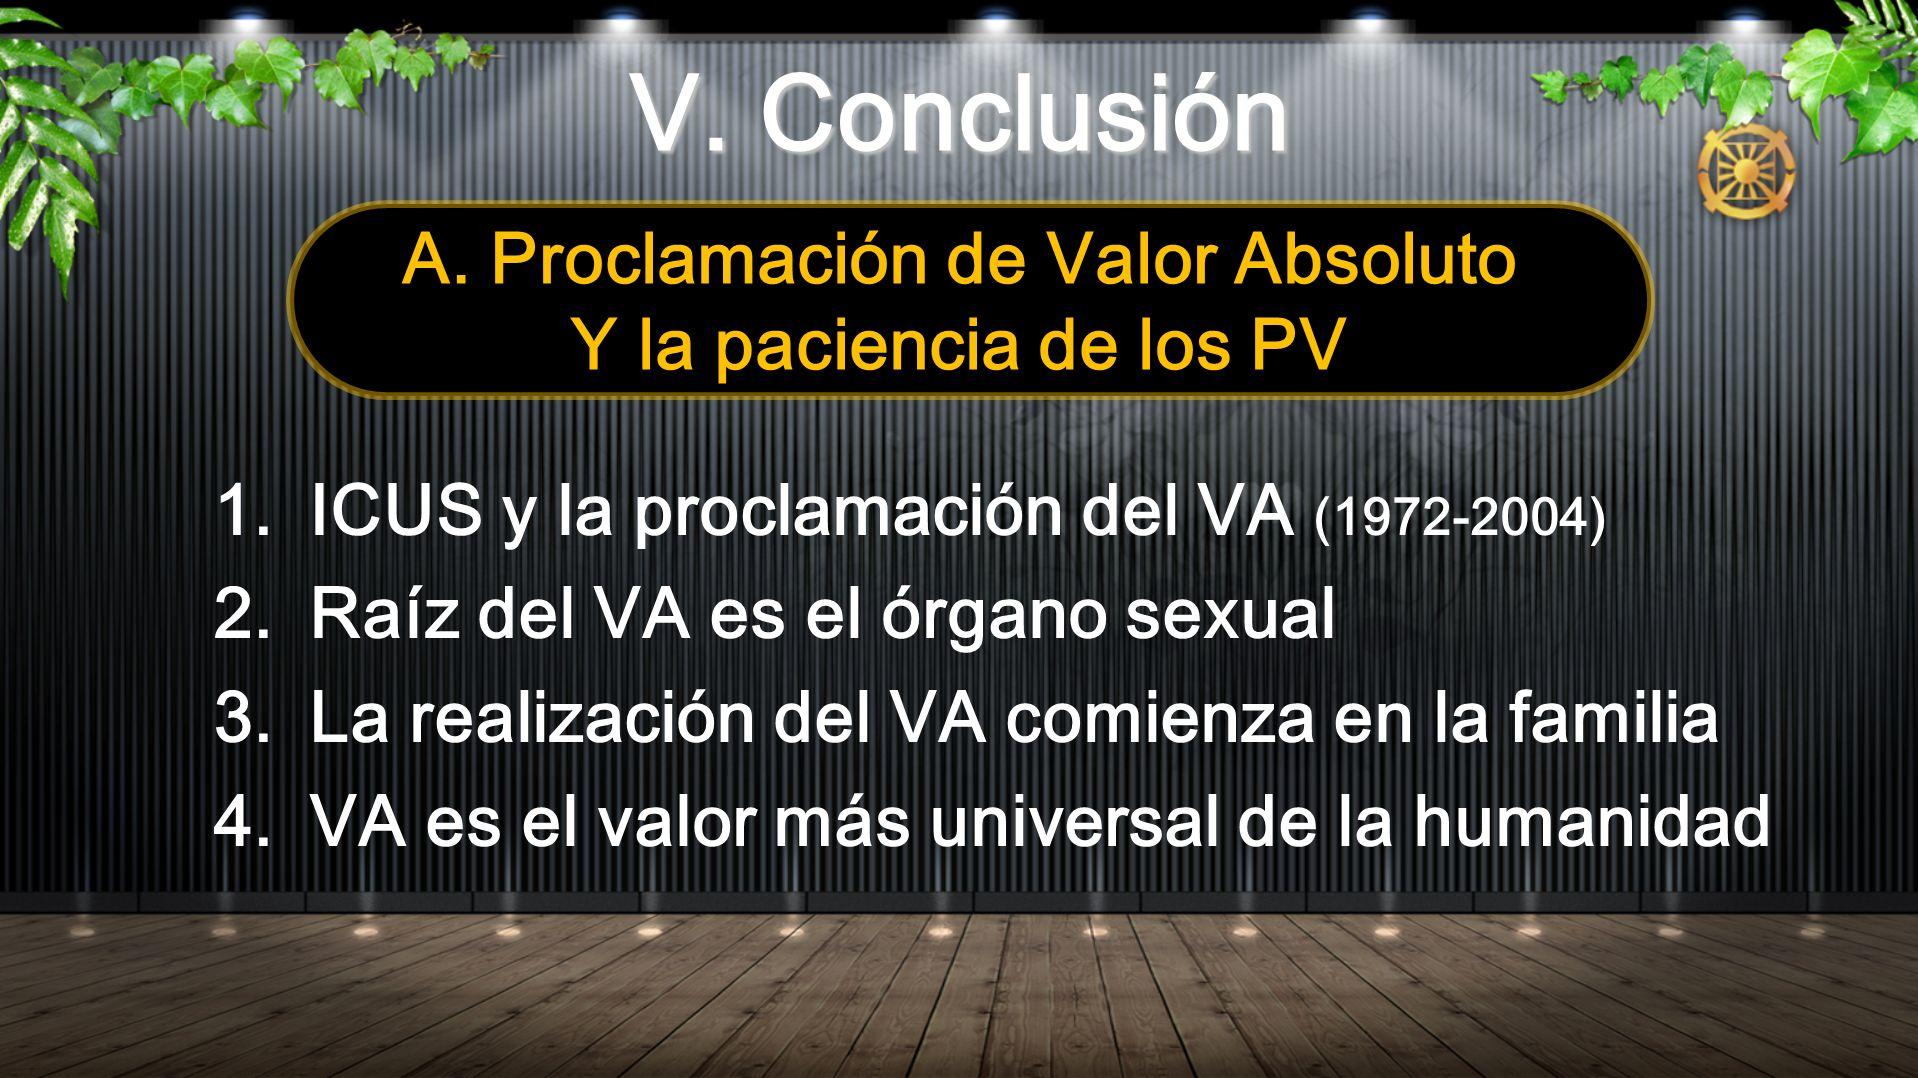 V. Conclusión 1. ICUS y la proclamación del VA (1972-2004) 2. Raíz del VA es el órgano sexual 3. La realización del VA comienza en la familia 4. VA es